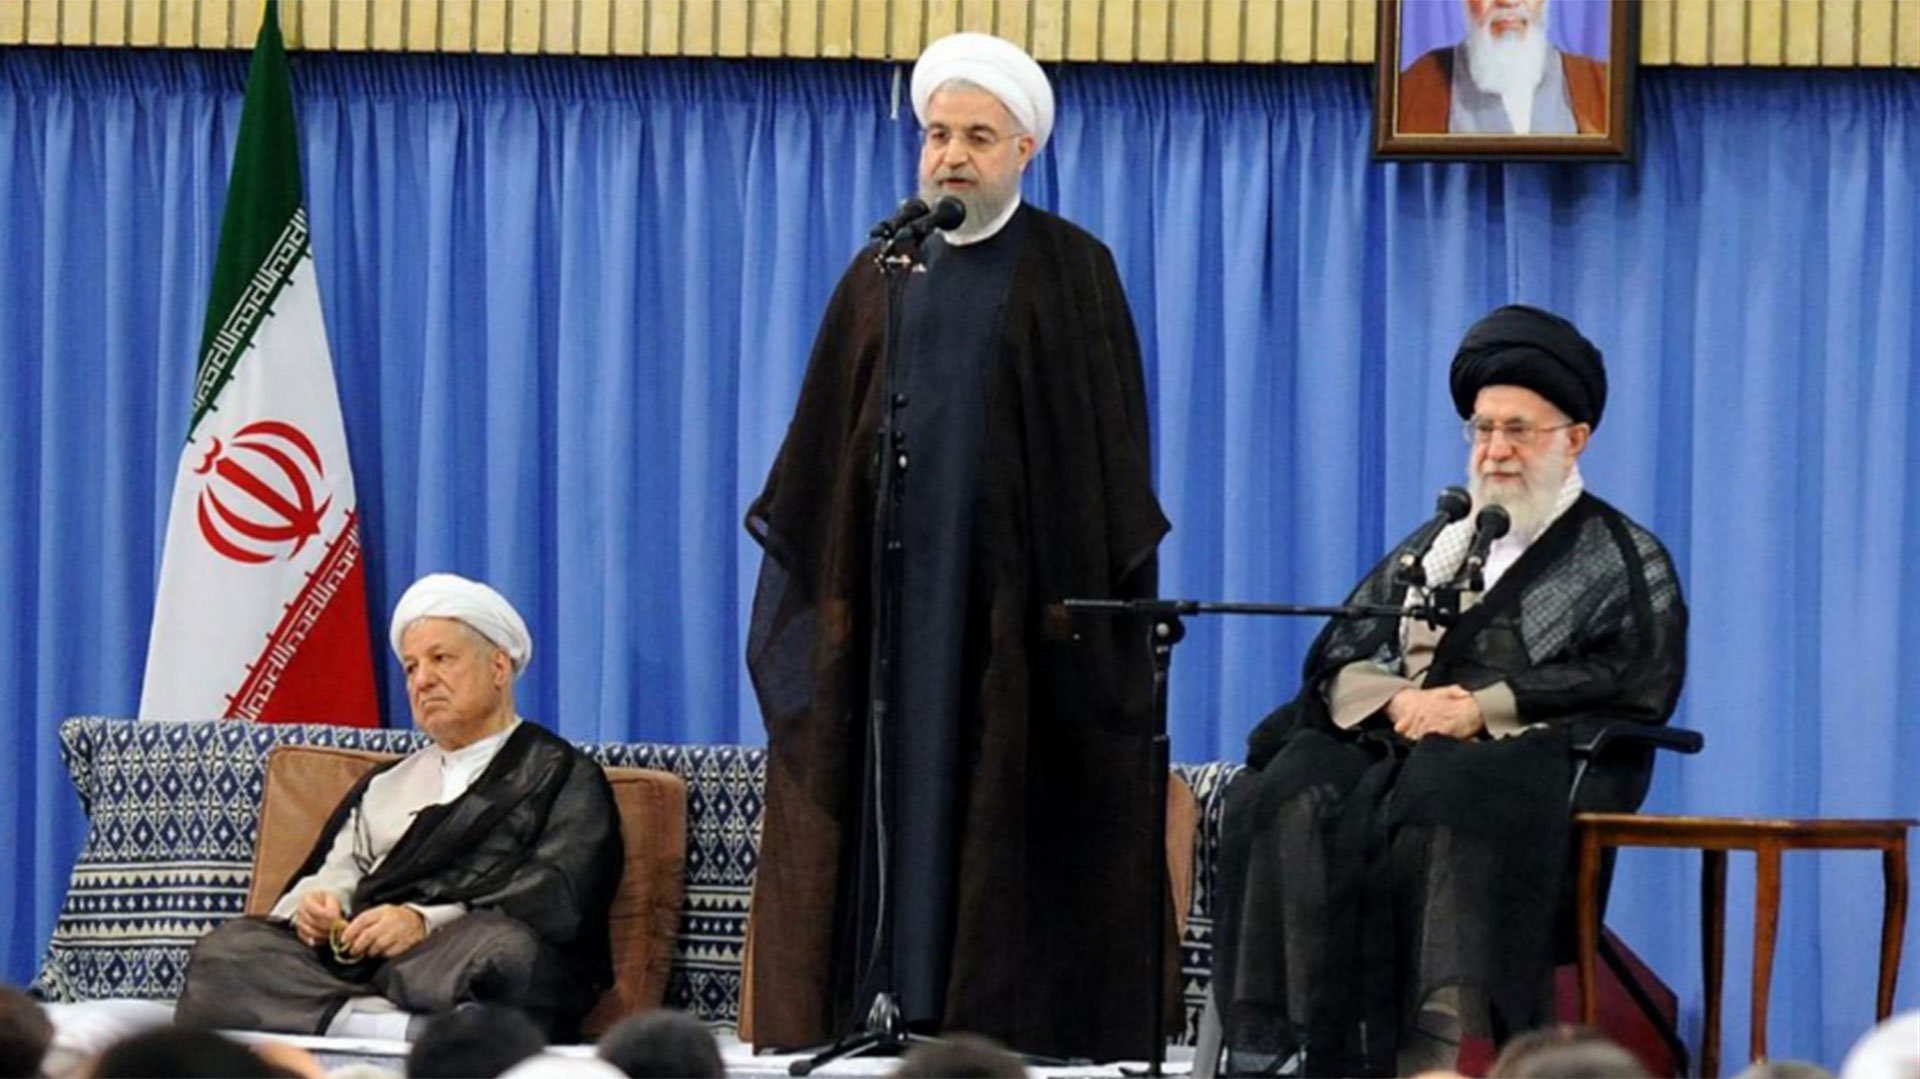 Hassan Rouhani (centro), presidente de Irán, da un discurso junto al ayatollah Ali Khamenei (Reuters)